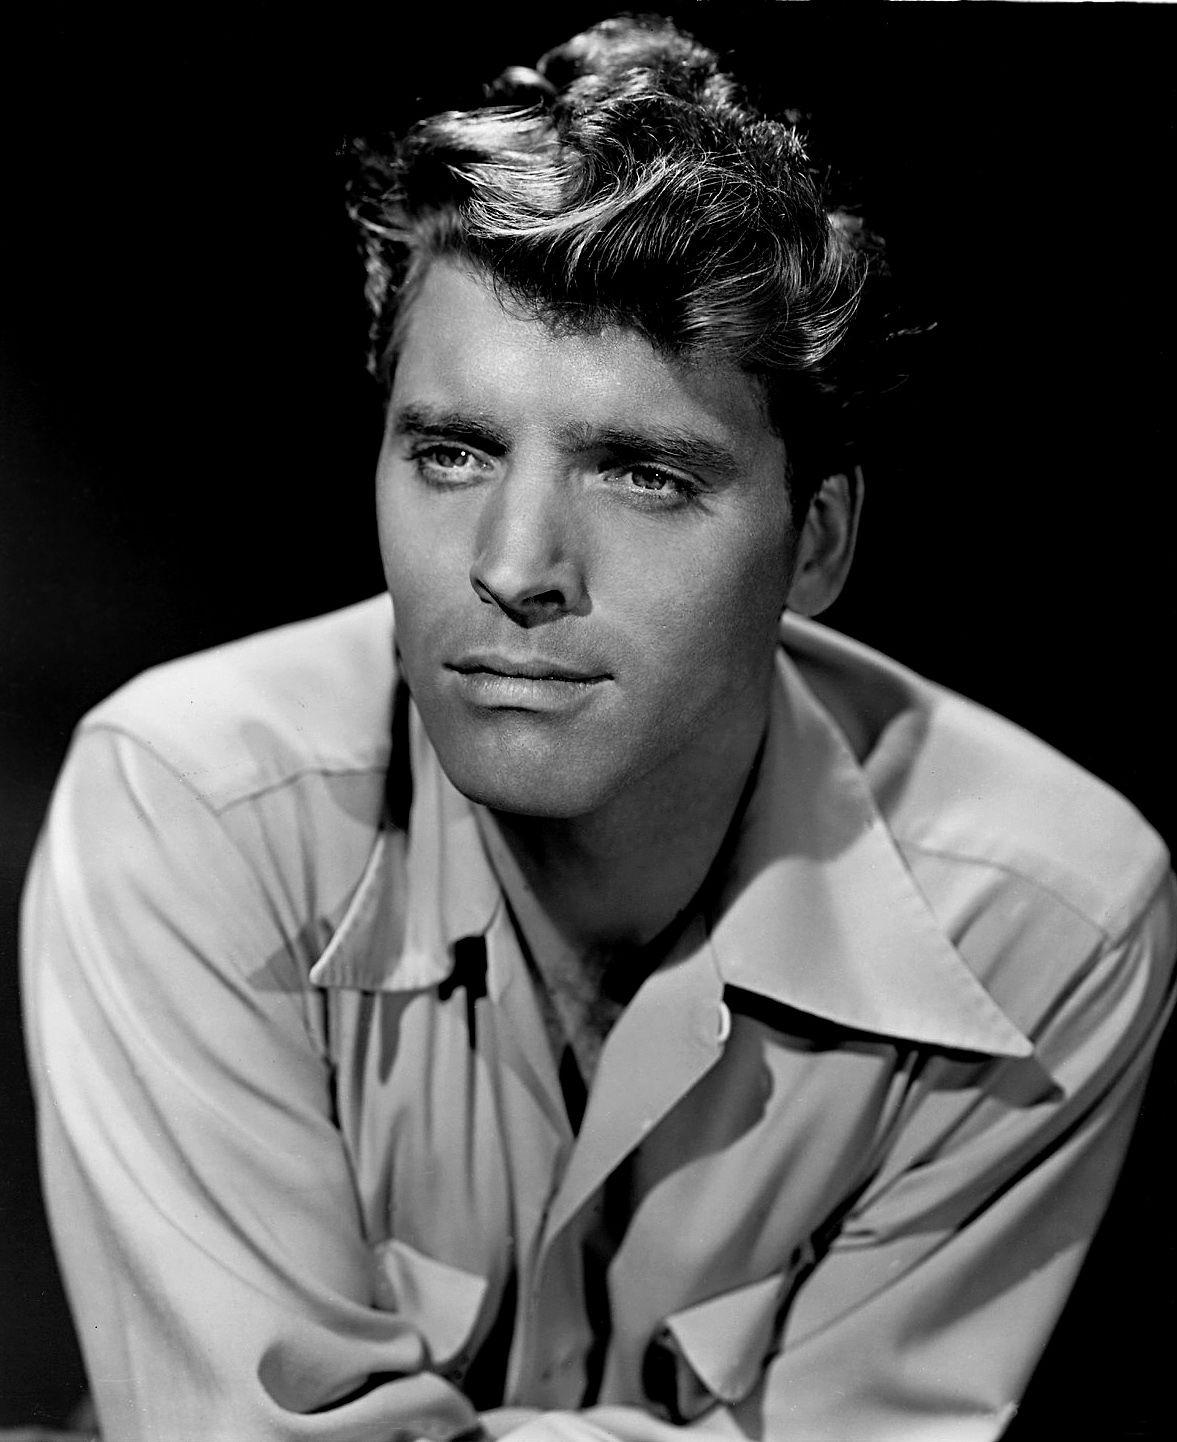 Photo of Burt Lancaster: American film actor